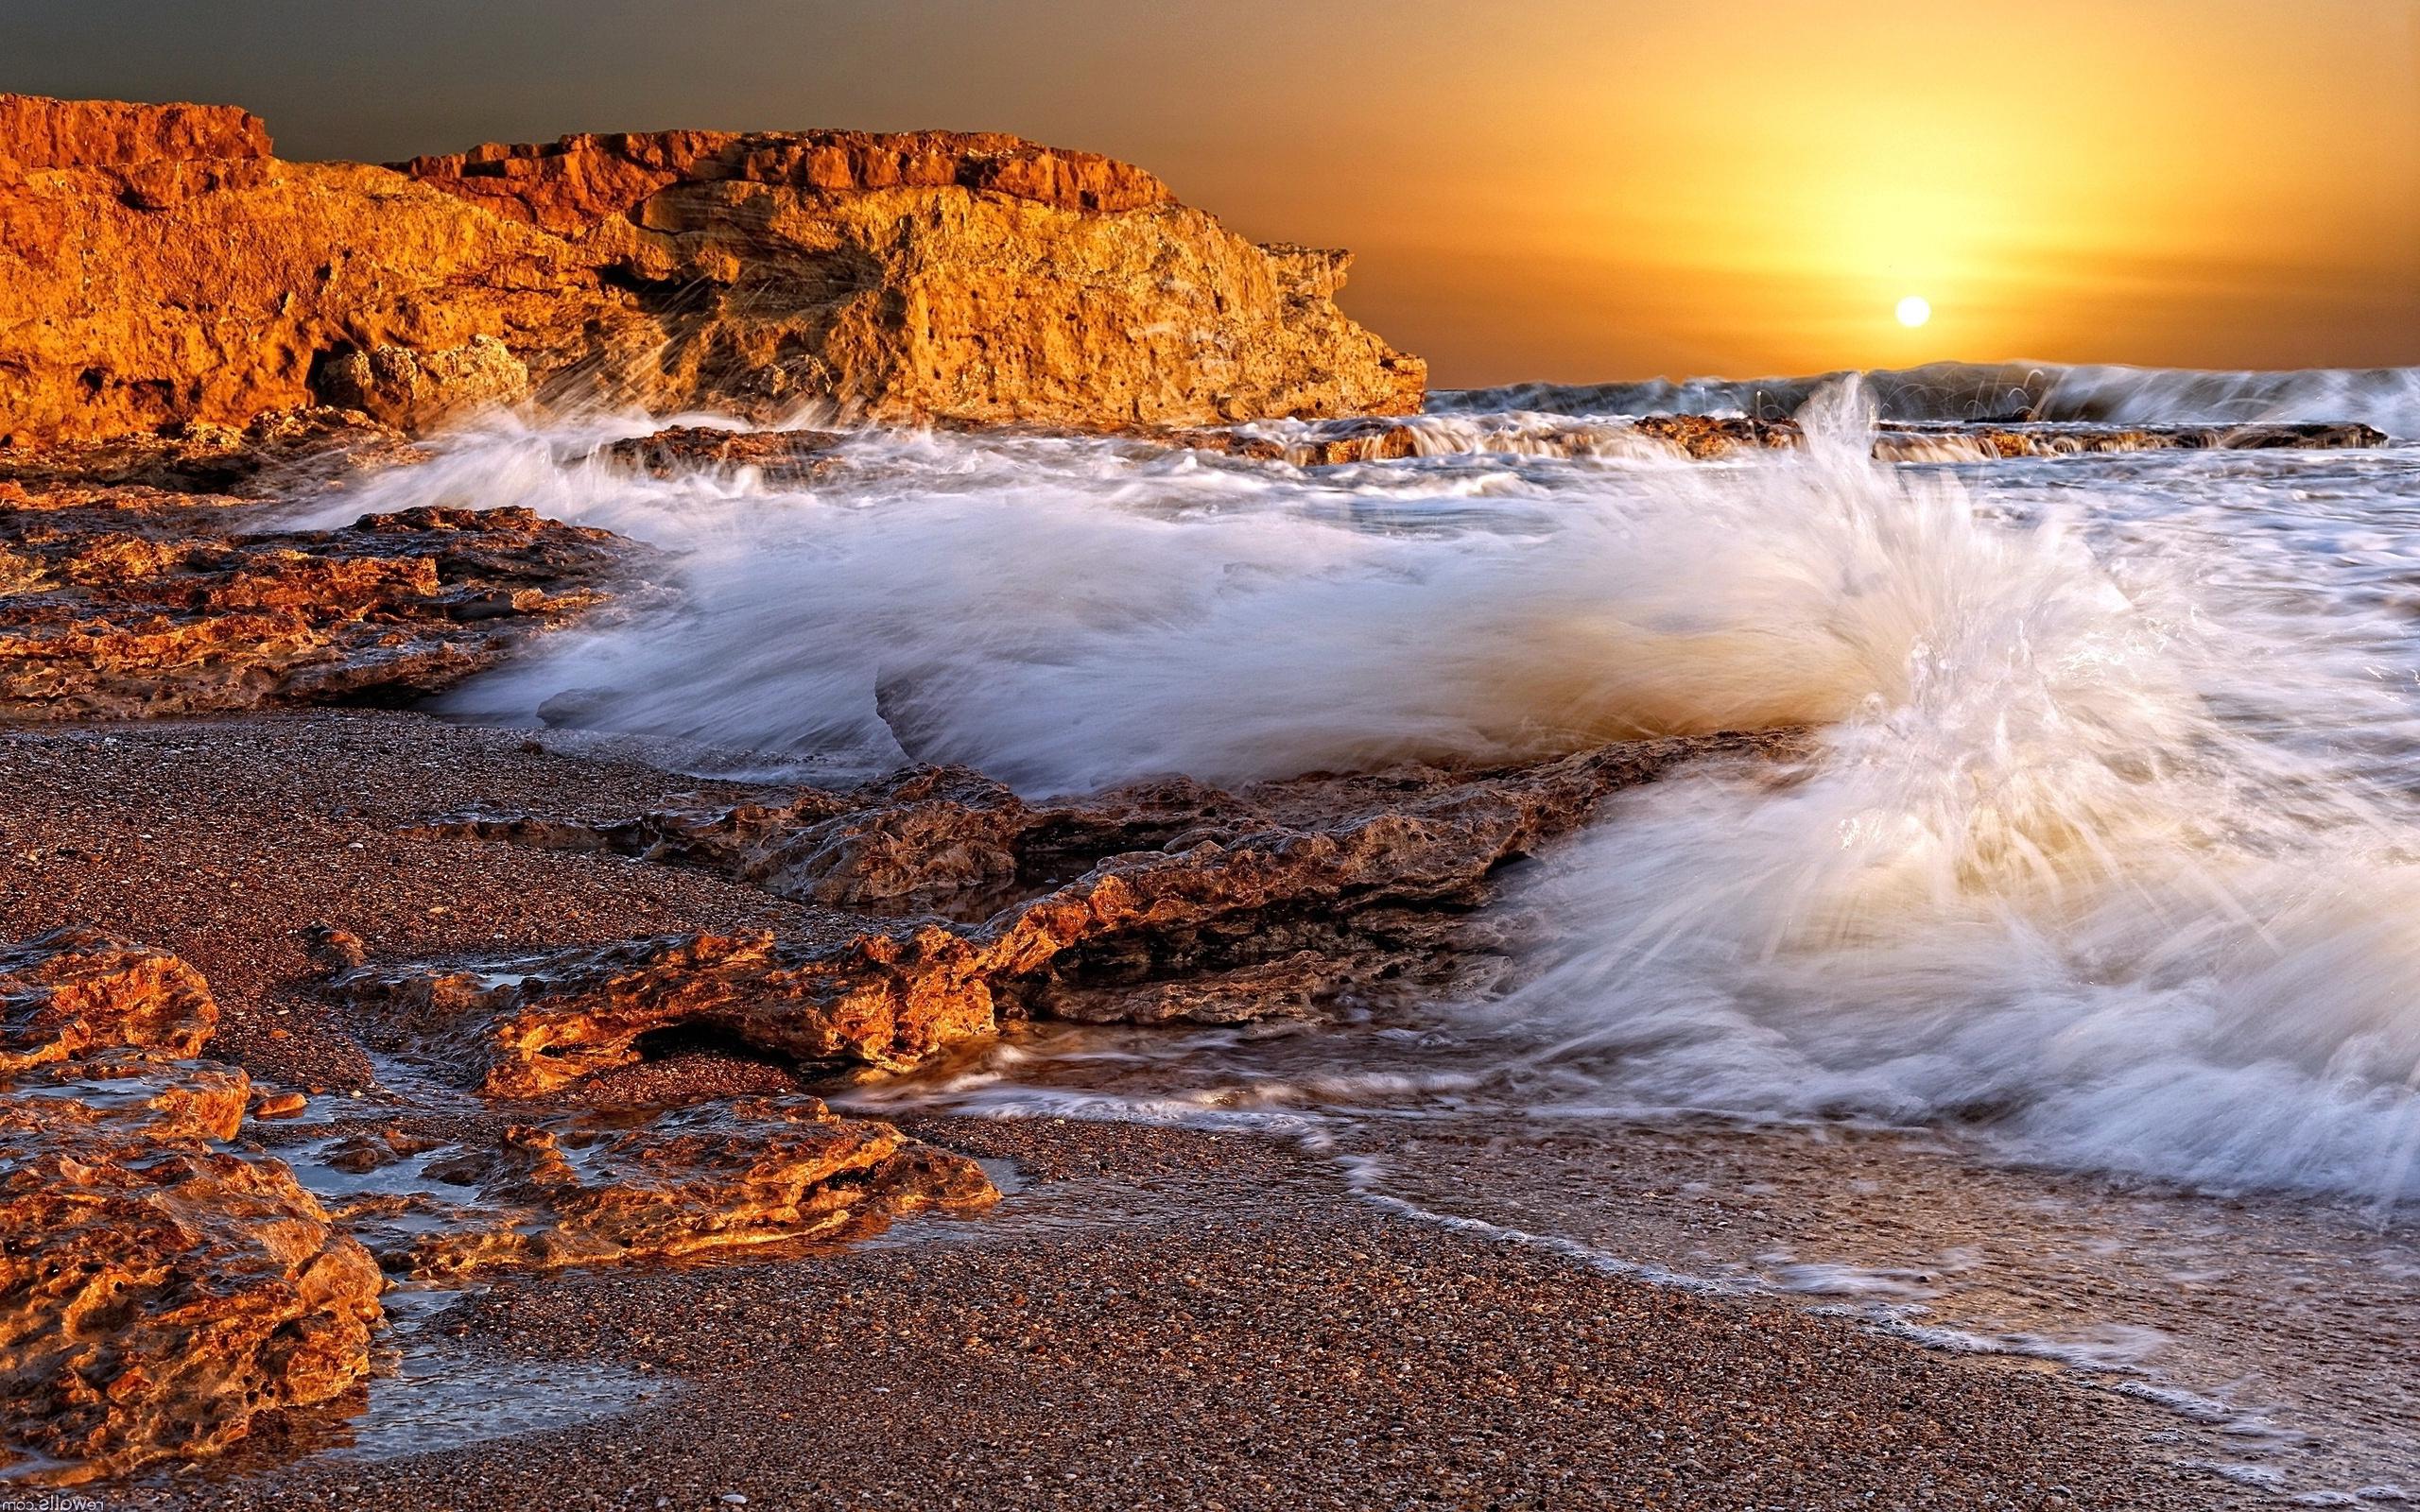 Sunset beach ocean waves